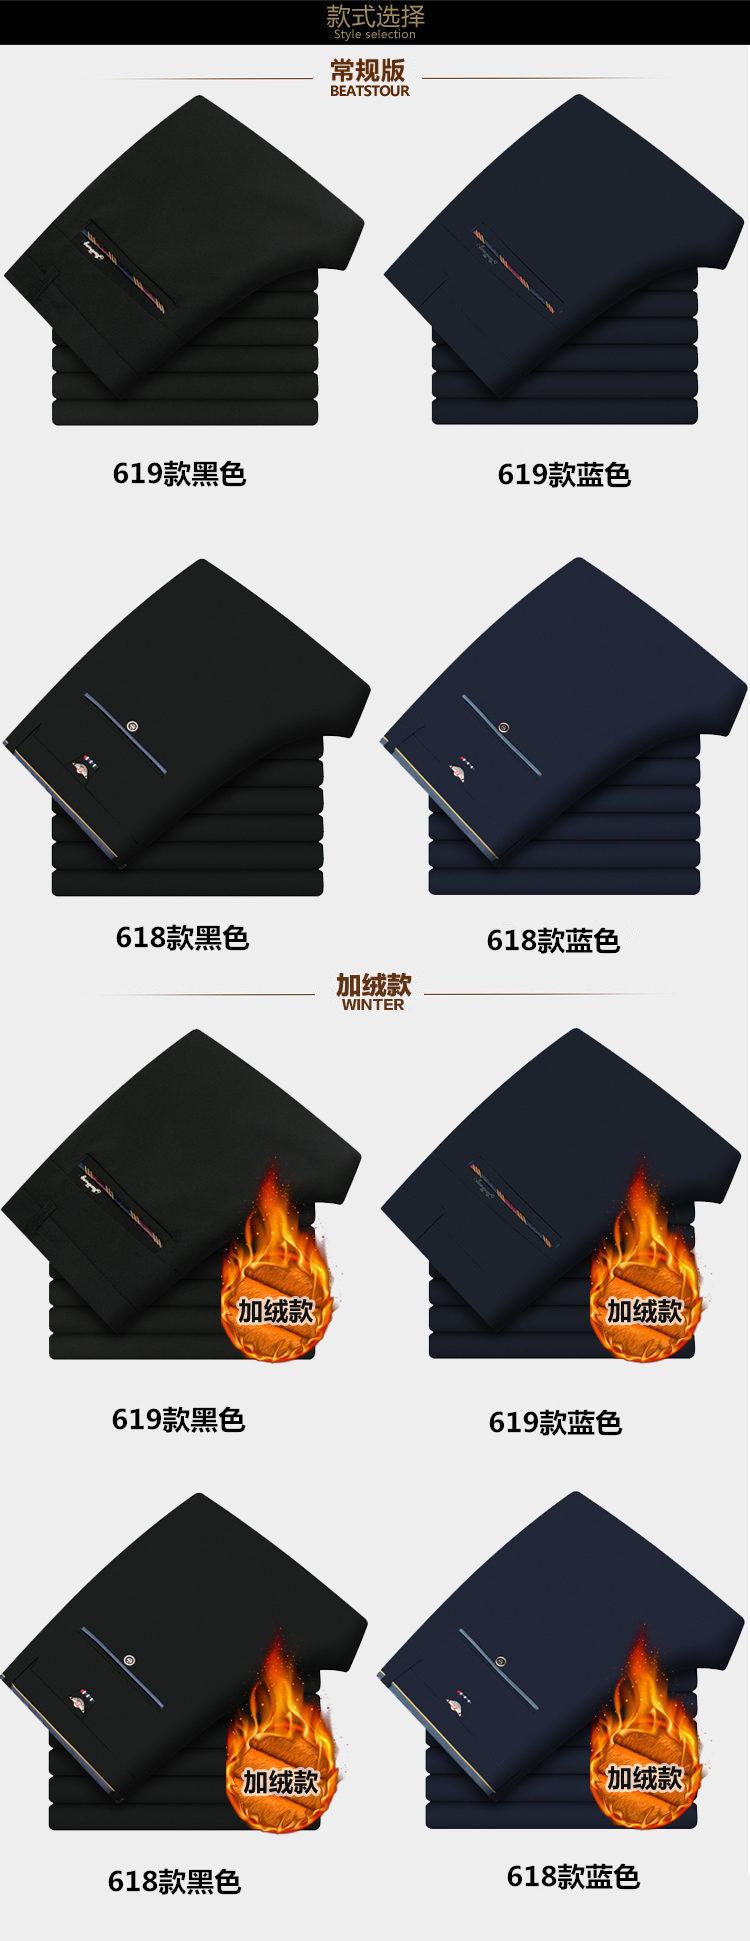 Phiên bản Hàn Quốc của doanh nghiệp ủi quần dài thoải mái quần dài nam Slim Straight chân trẻ nam quần thủy triều mô hình quần đen mỏng - Quần